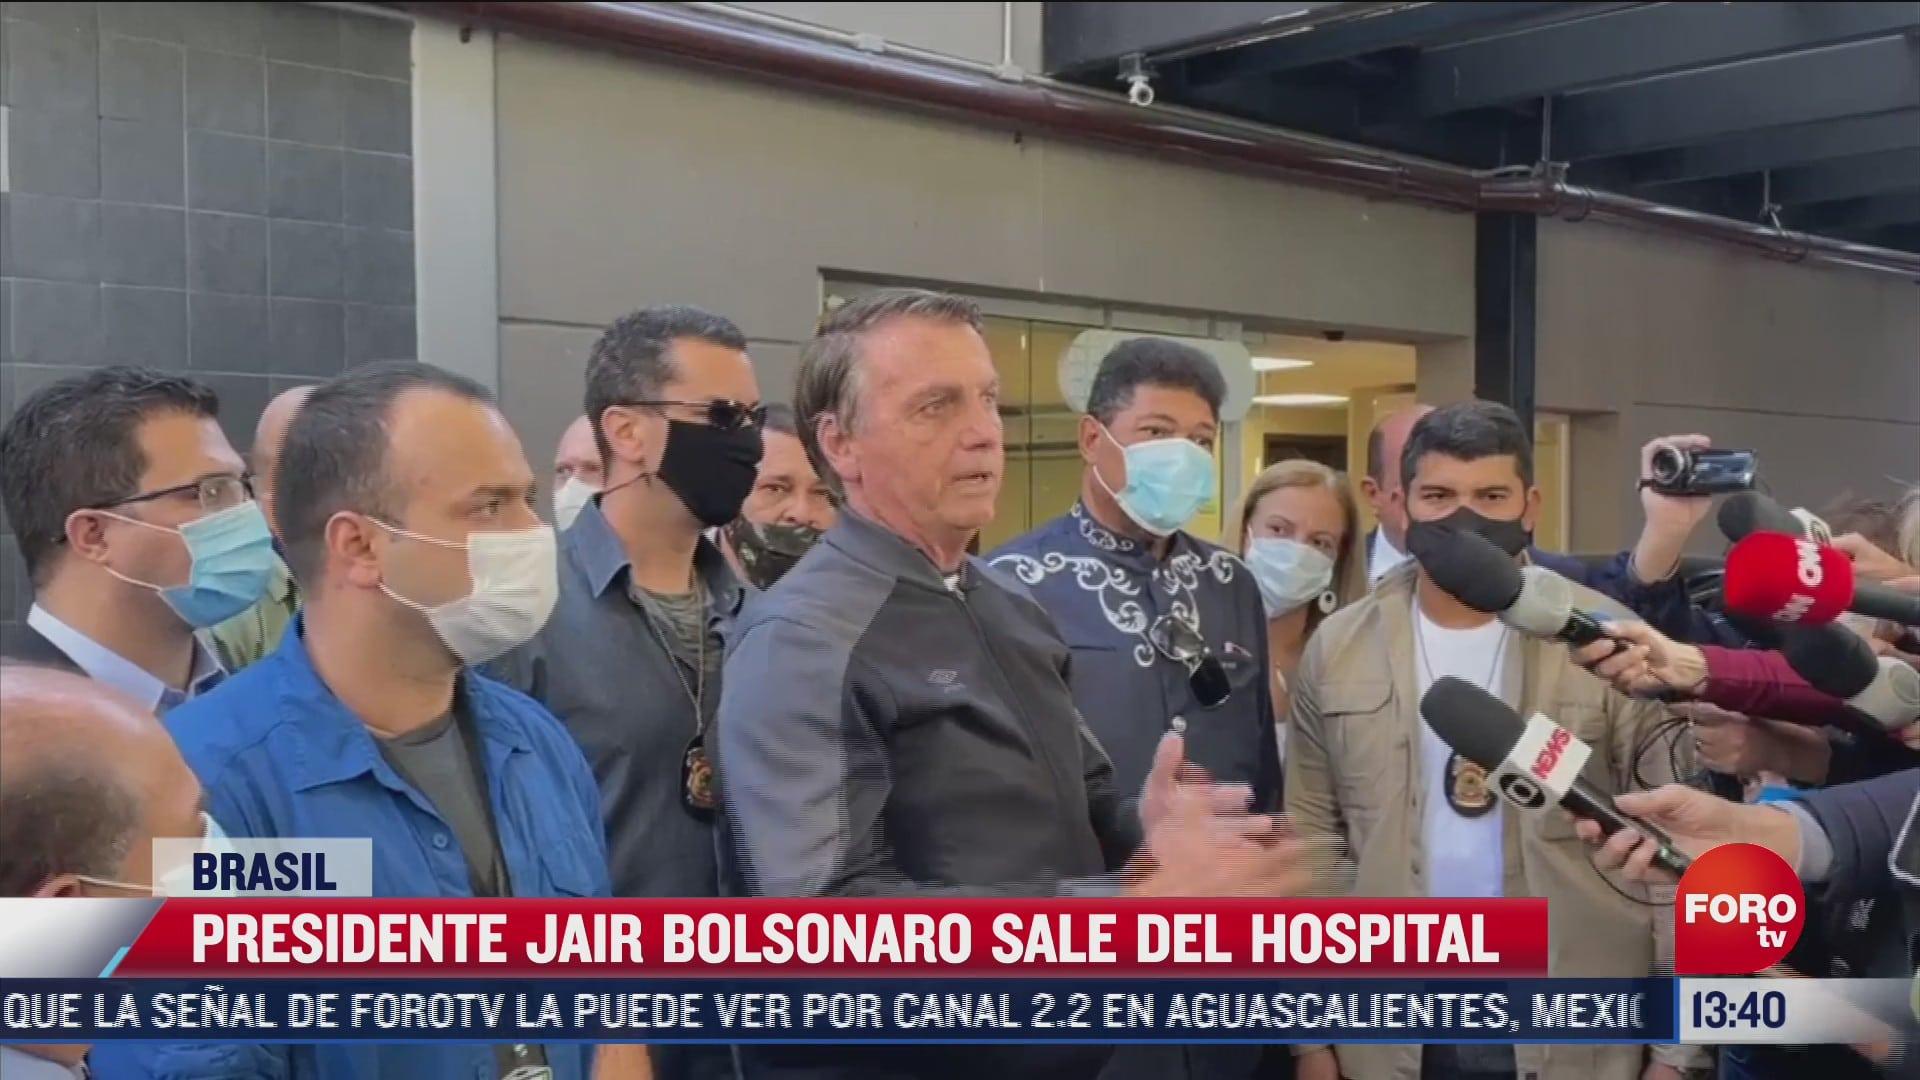 jair bolsonaro sale del hospital tras obstruccion intestinal